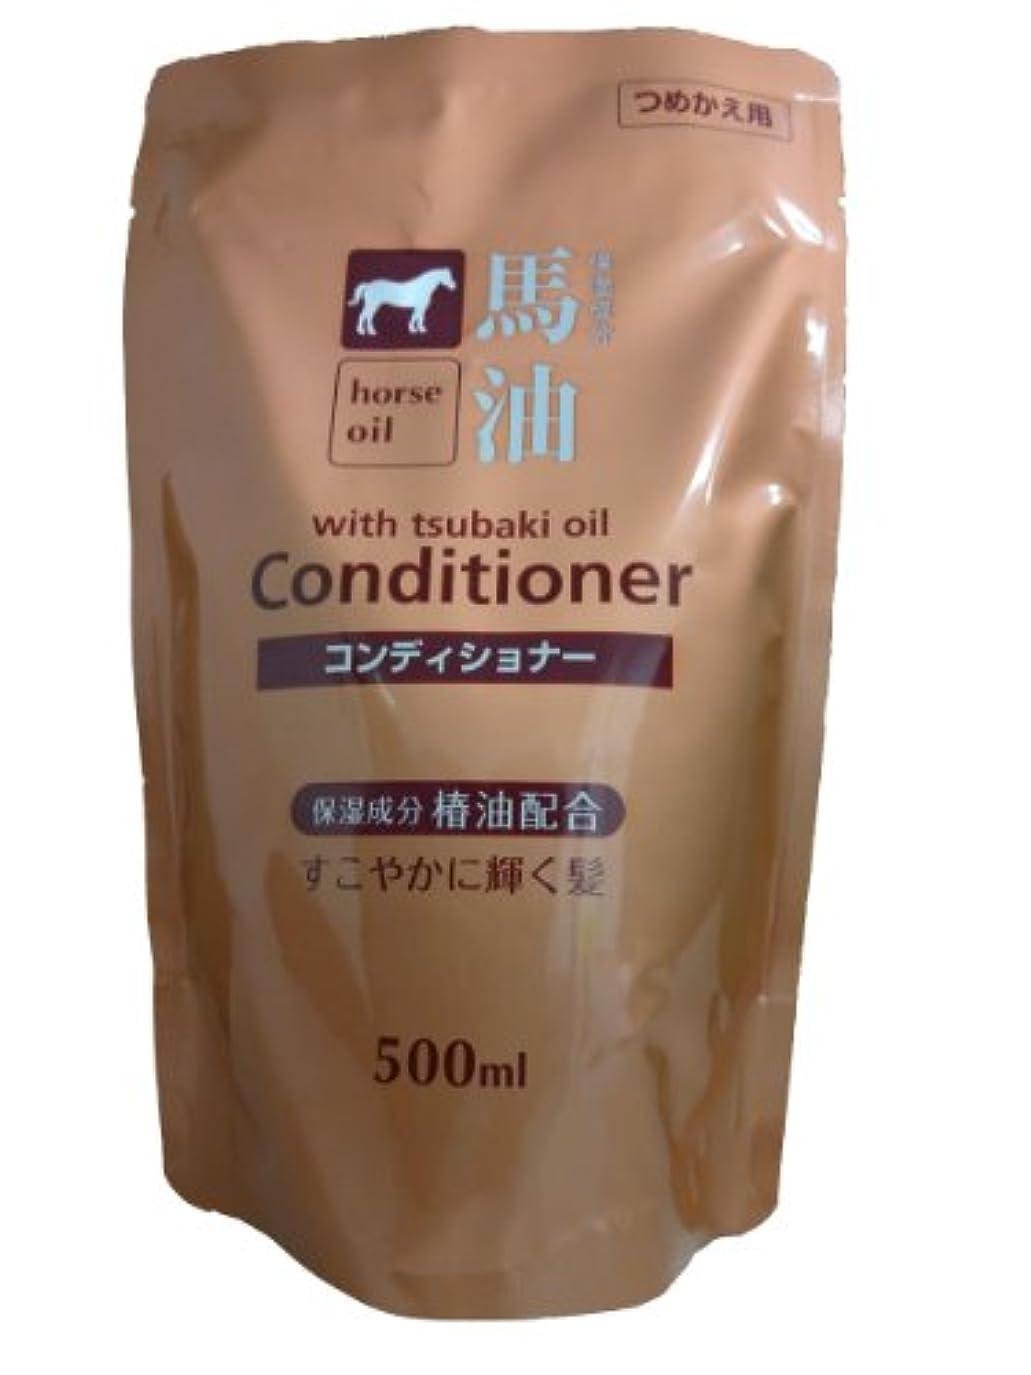 増幅する上下する柱熊野油脂 馬油コンディショナー 詰め替え用 500ml